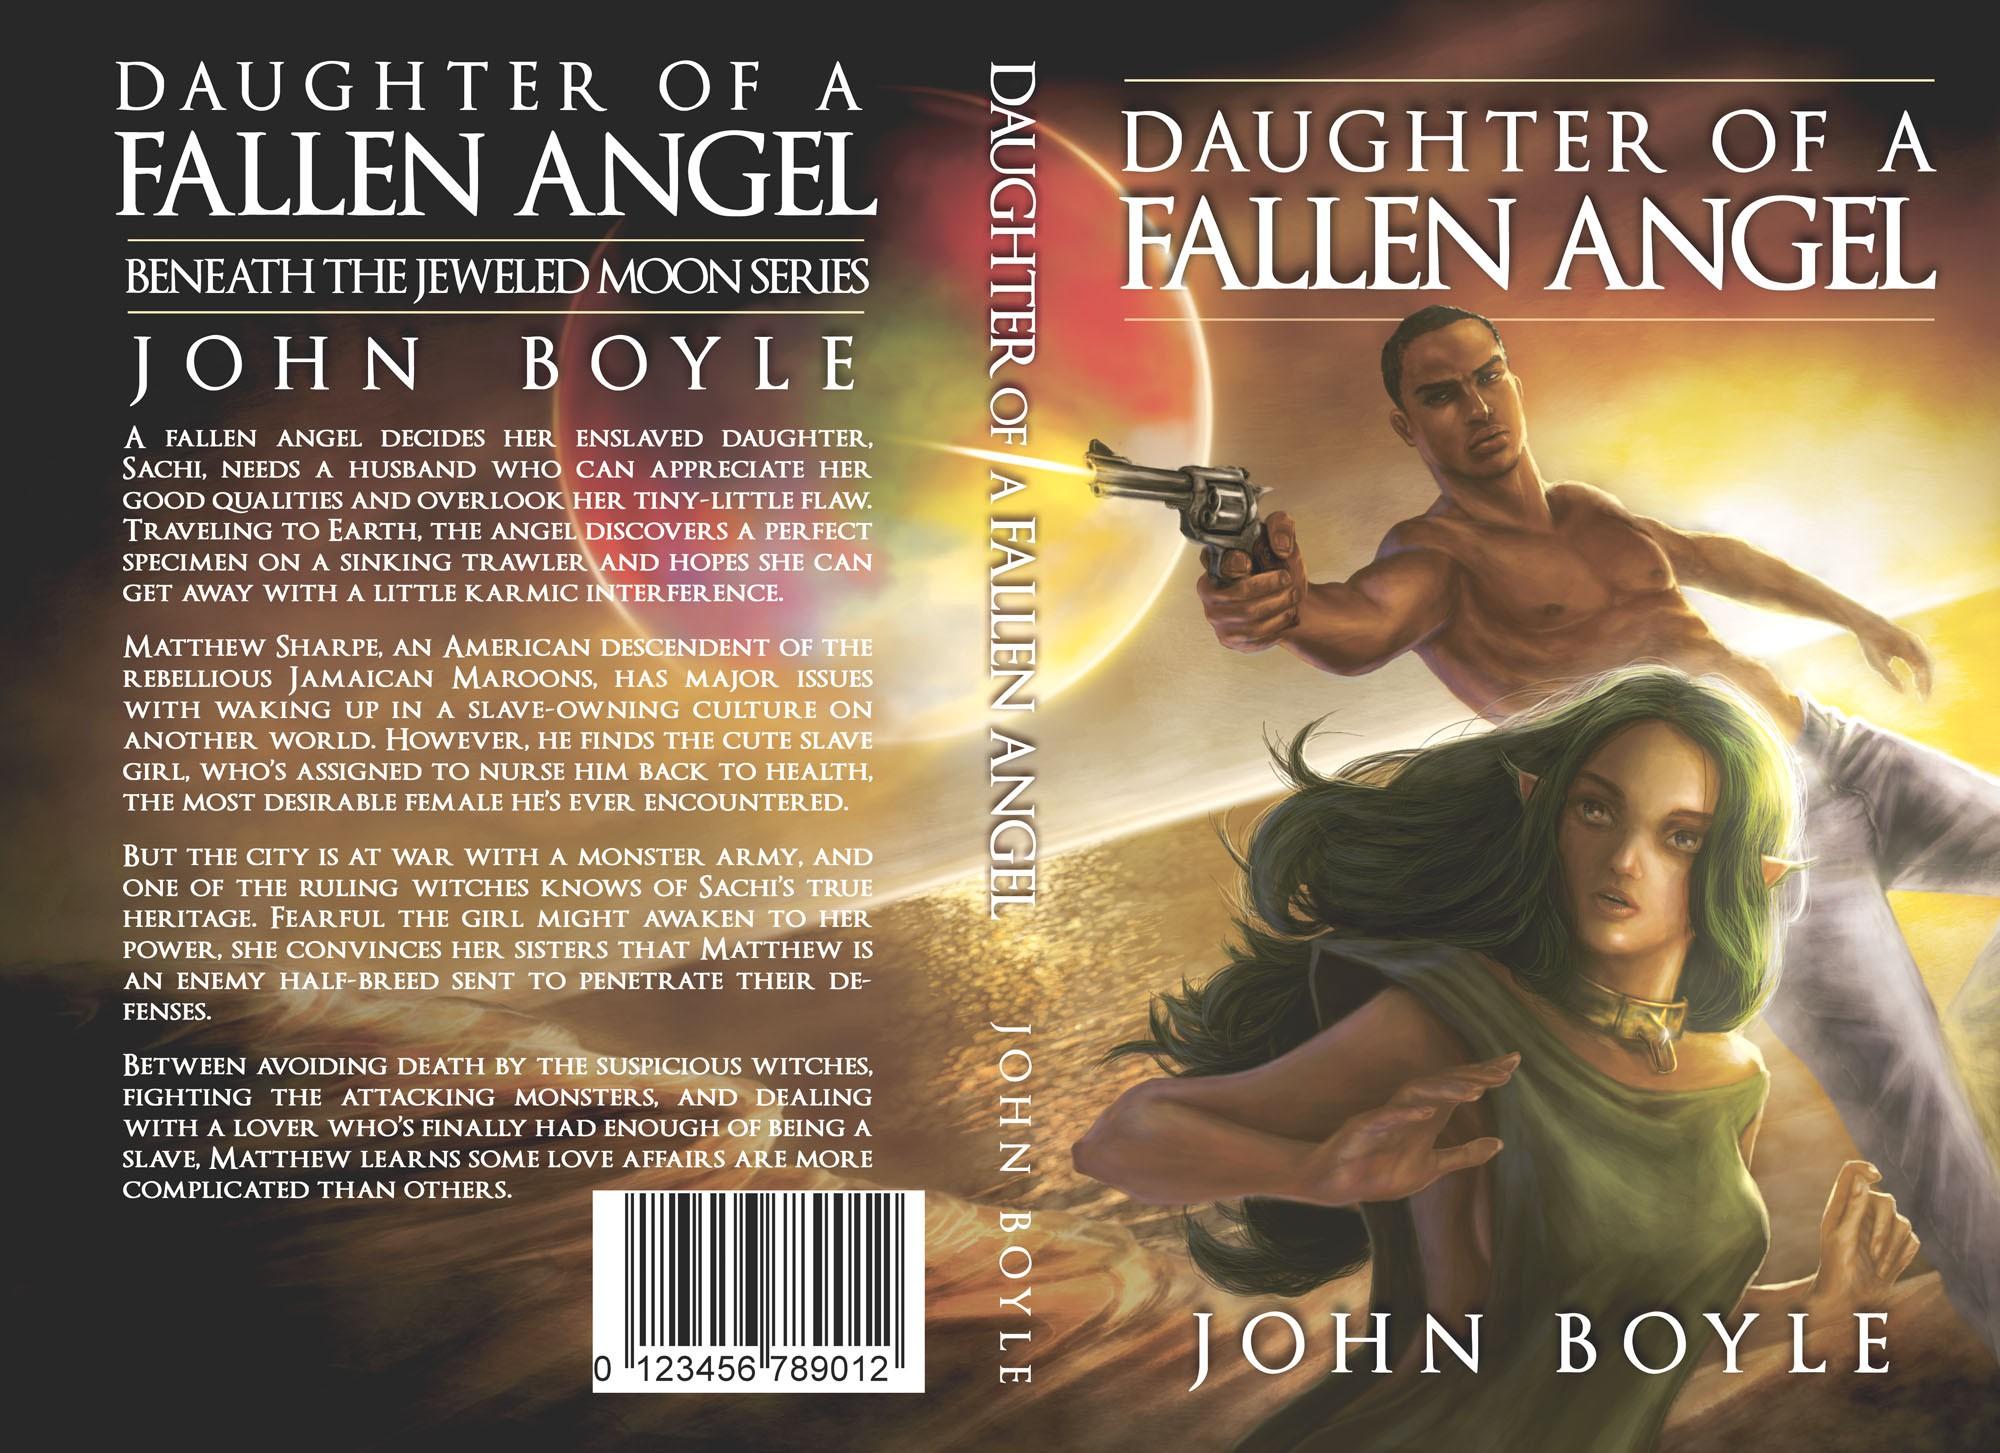 Cover for Adult Fantasy novel.